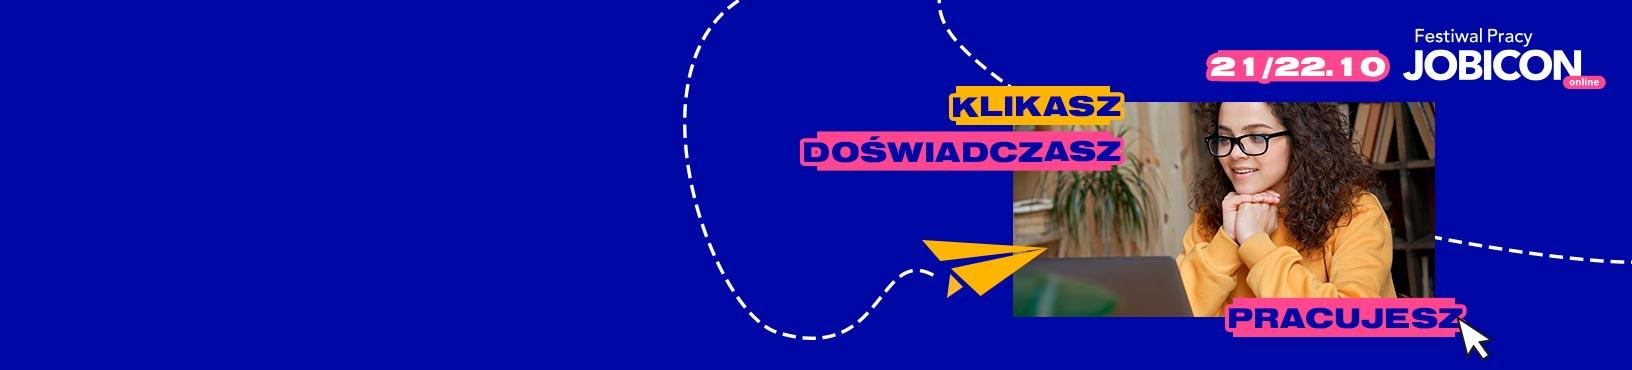 Profil Pracuj.pl